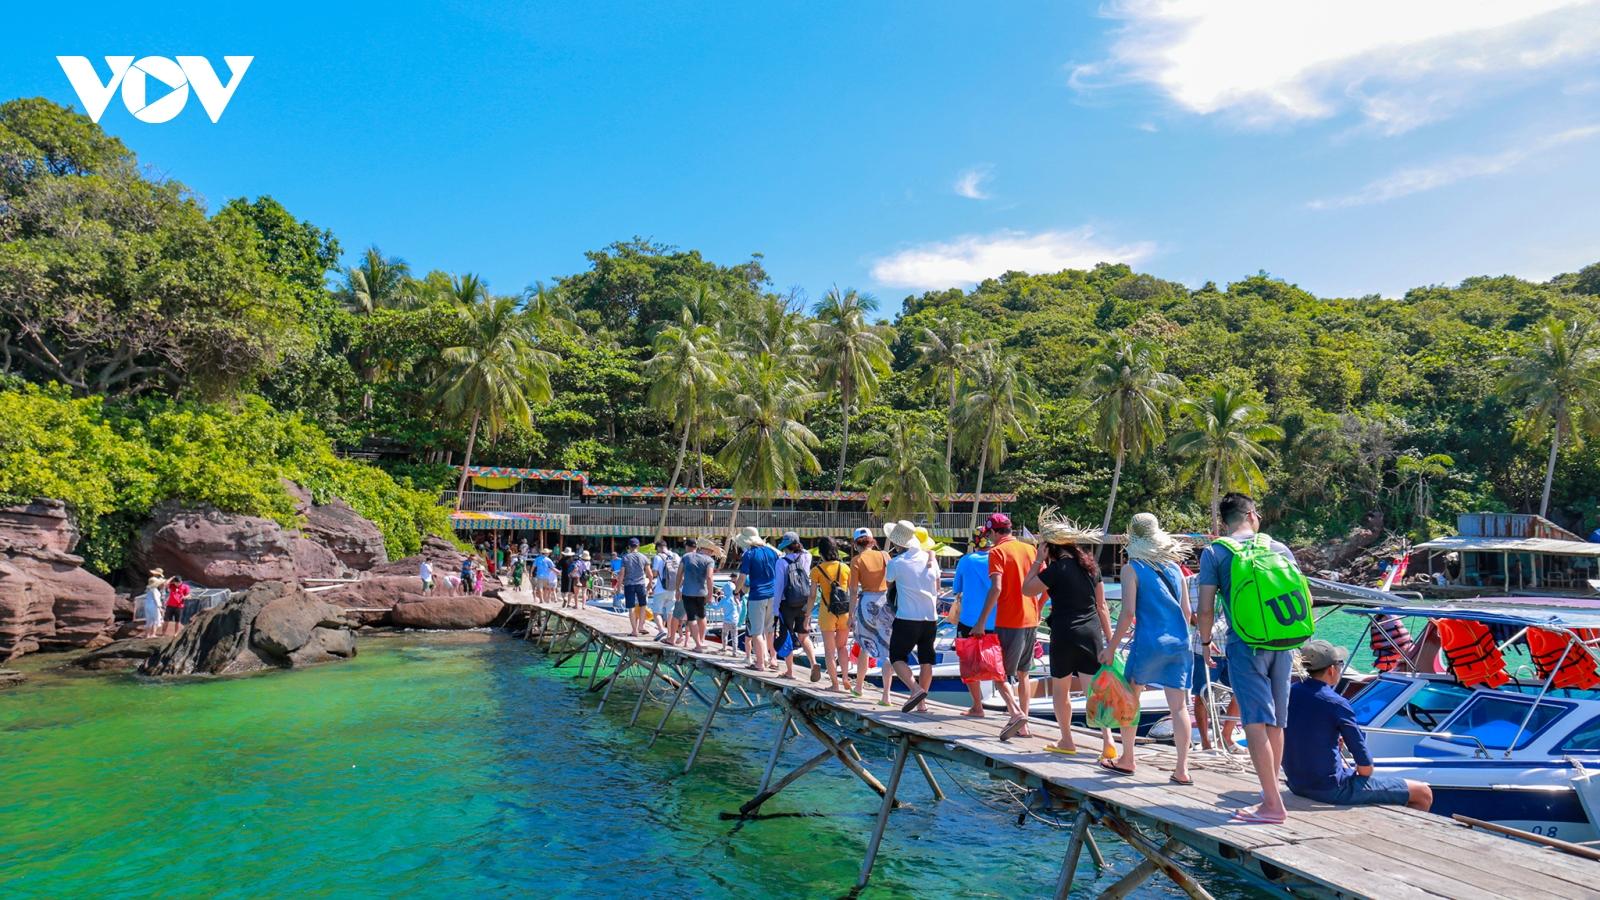 Cát Bà, Phú Quốc cần một quy hoạch hoàn chỉnh để phát triển du lịch bền vững